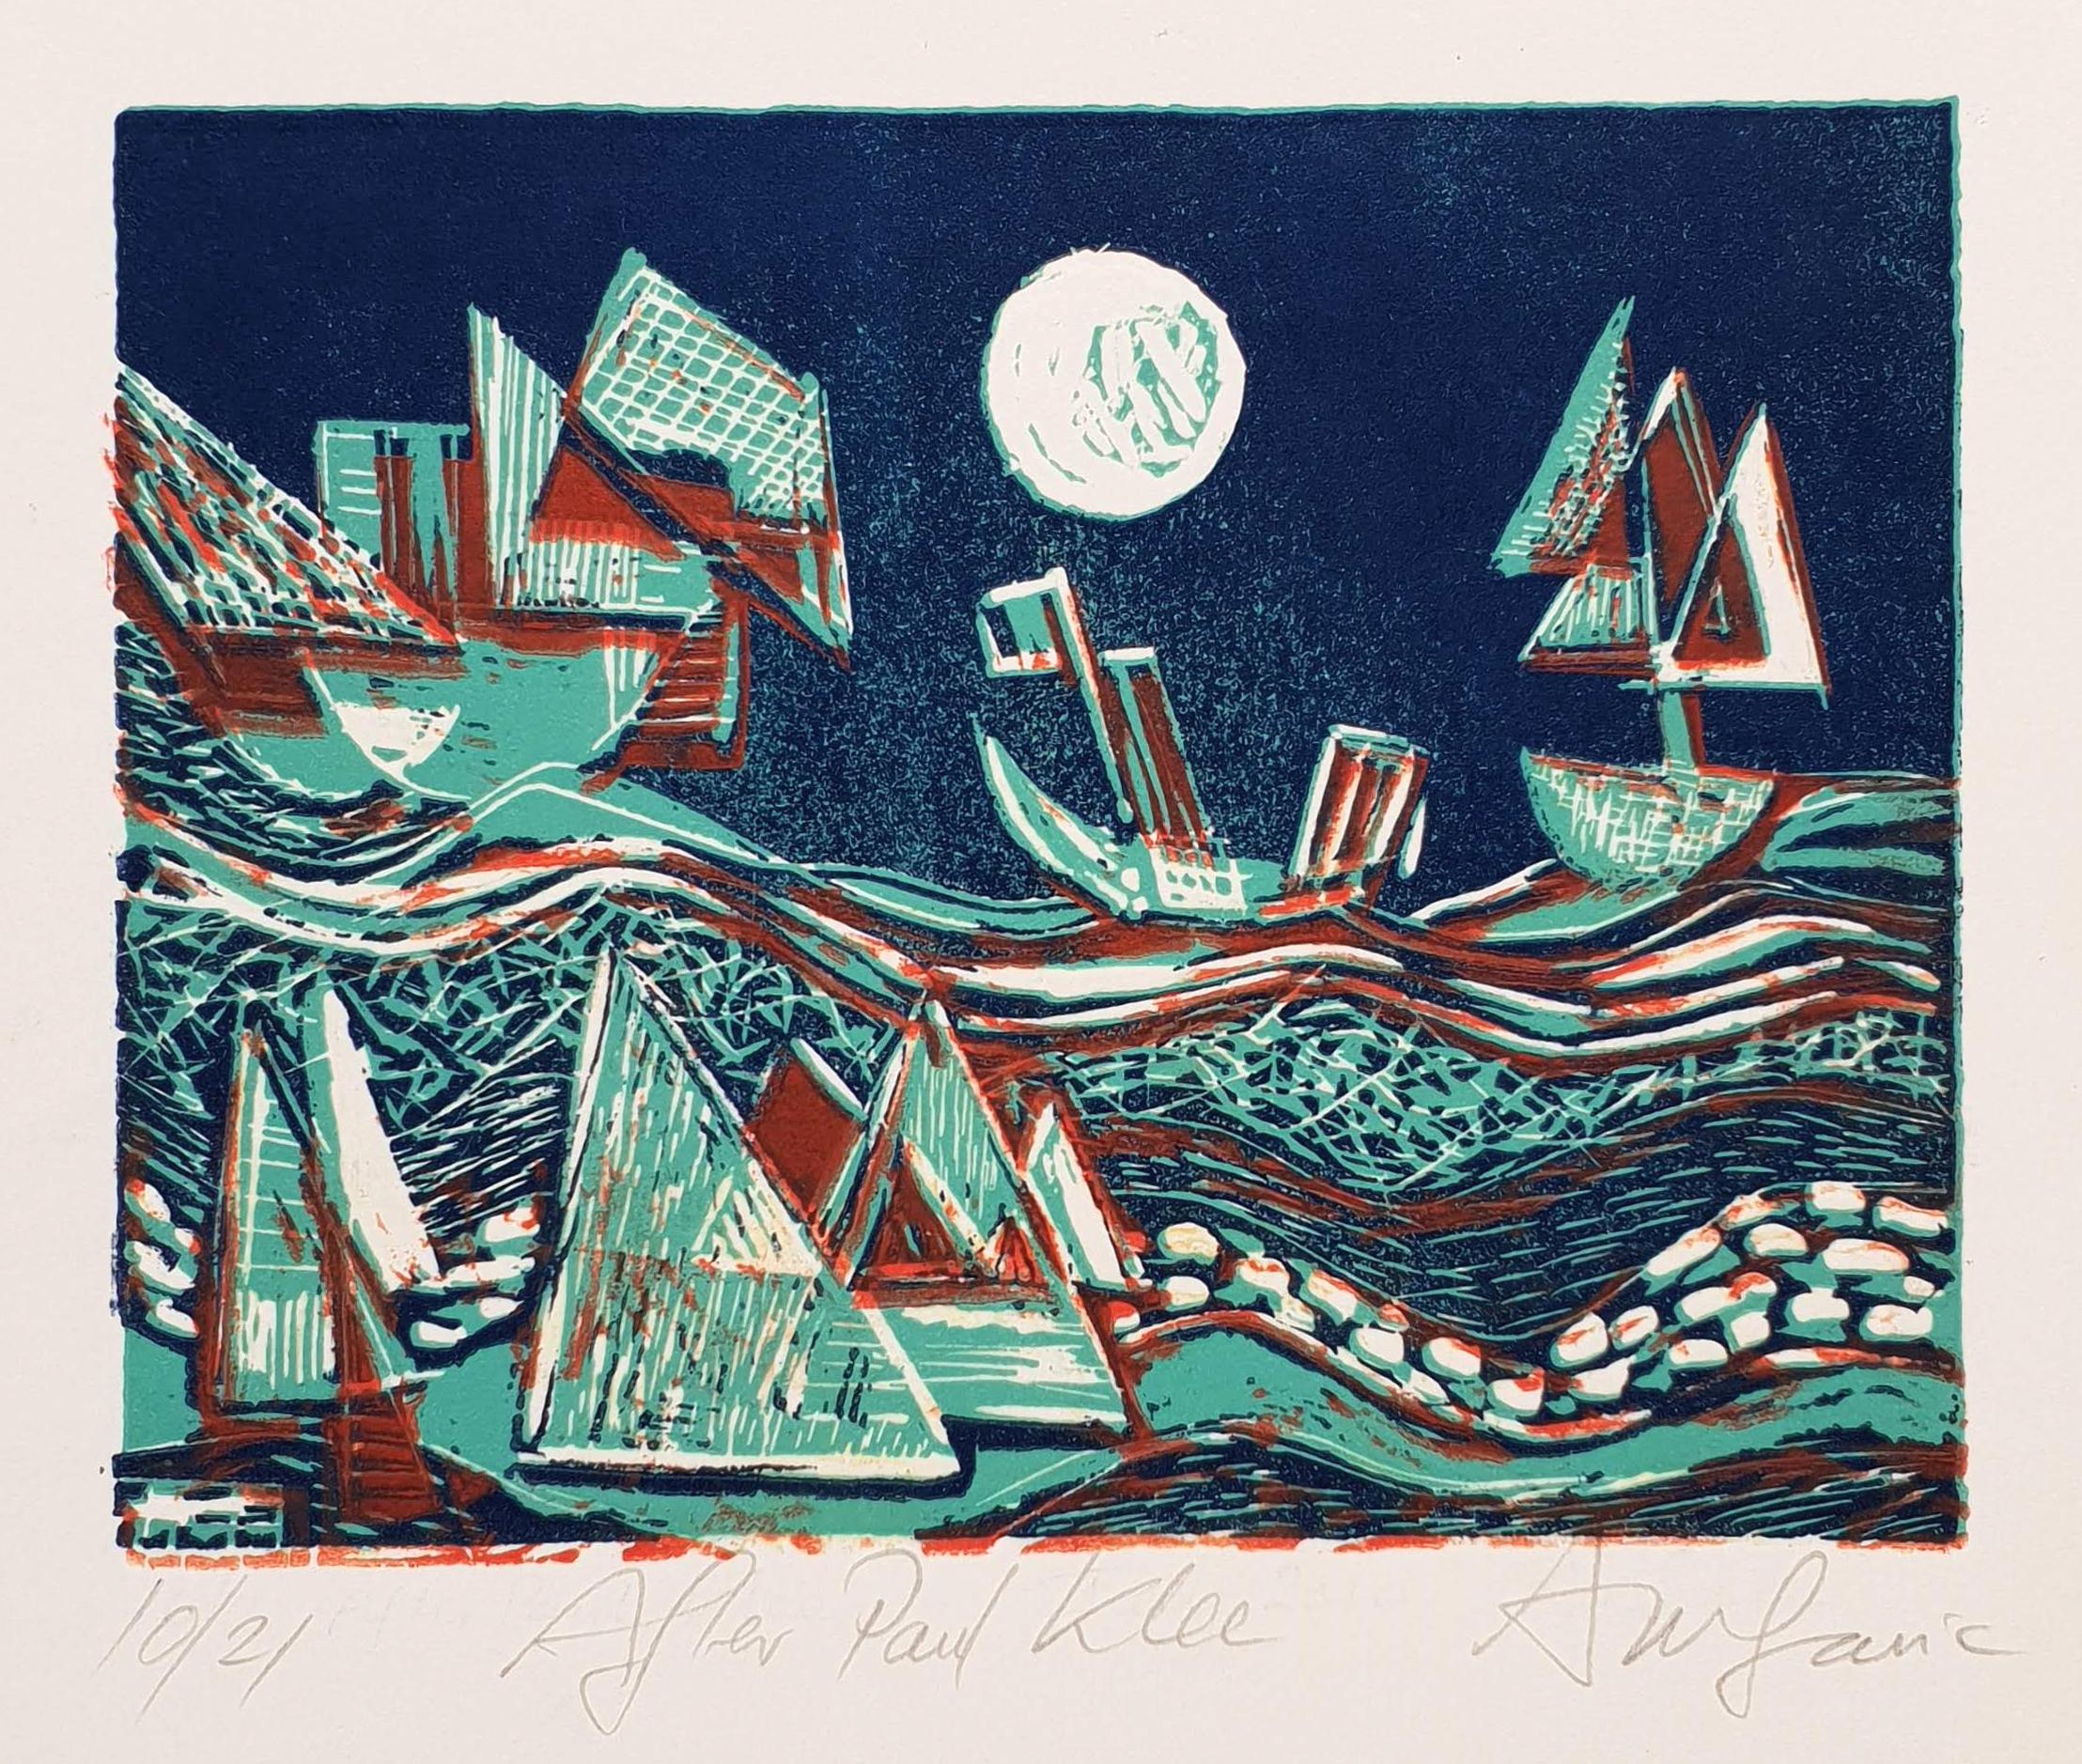 Paul Klee #10 image _ sig.jpg